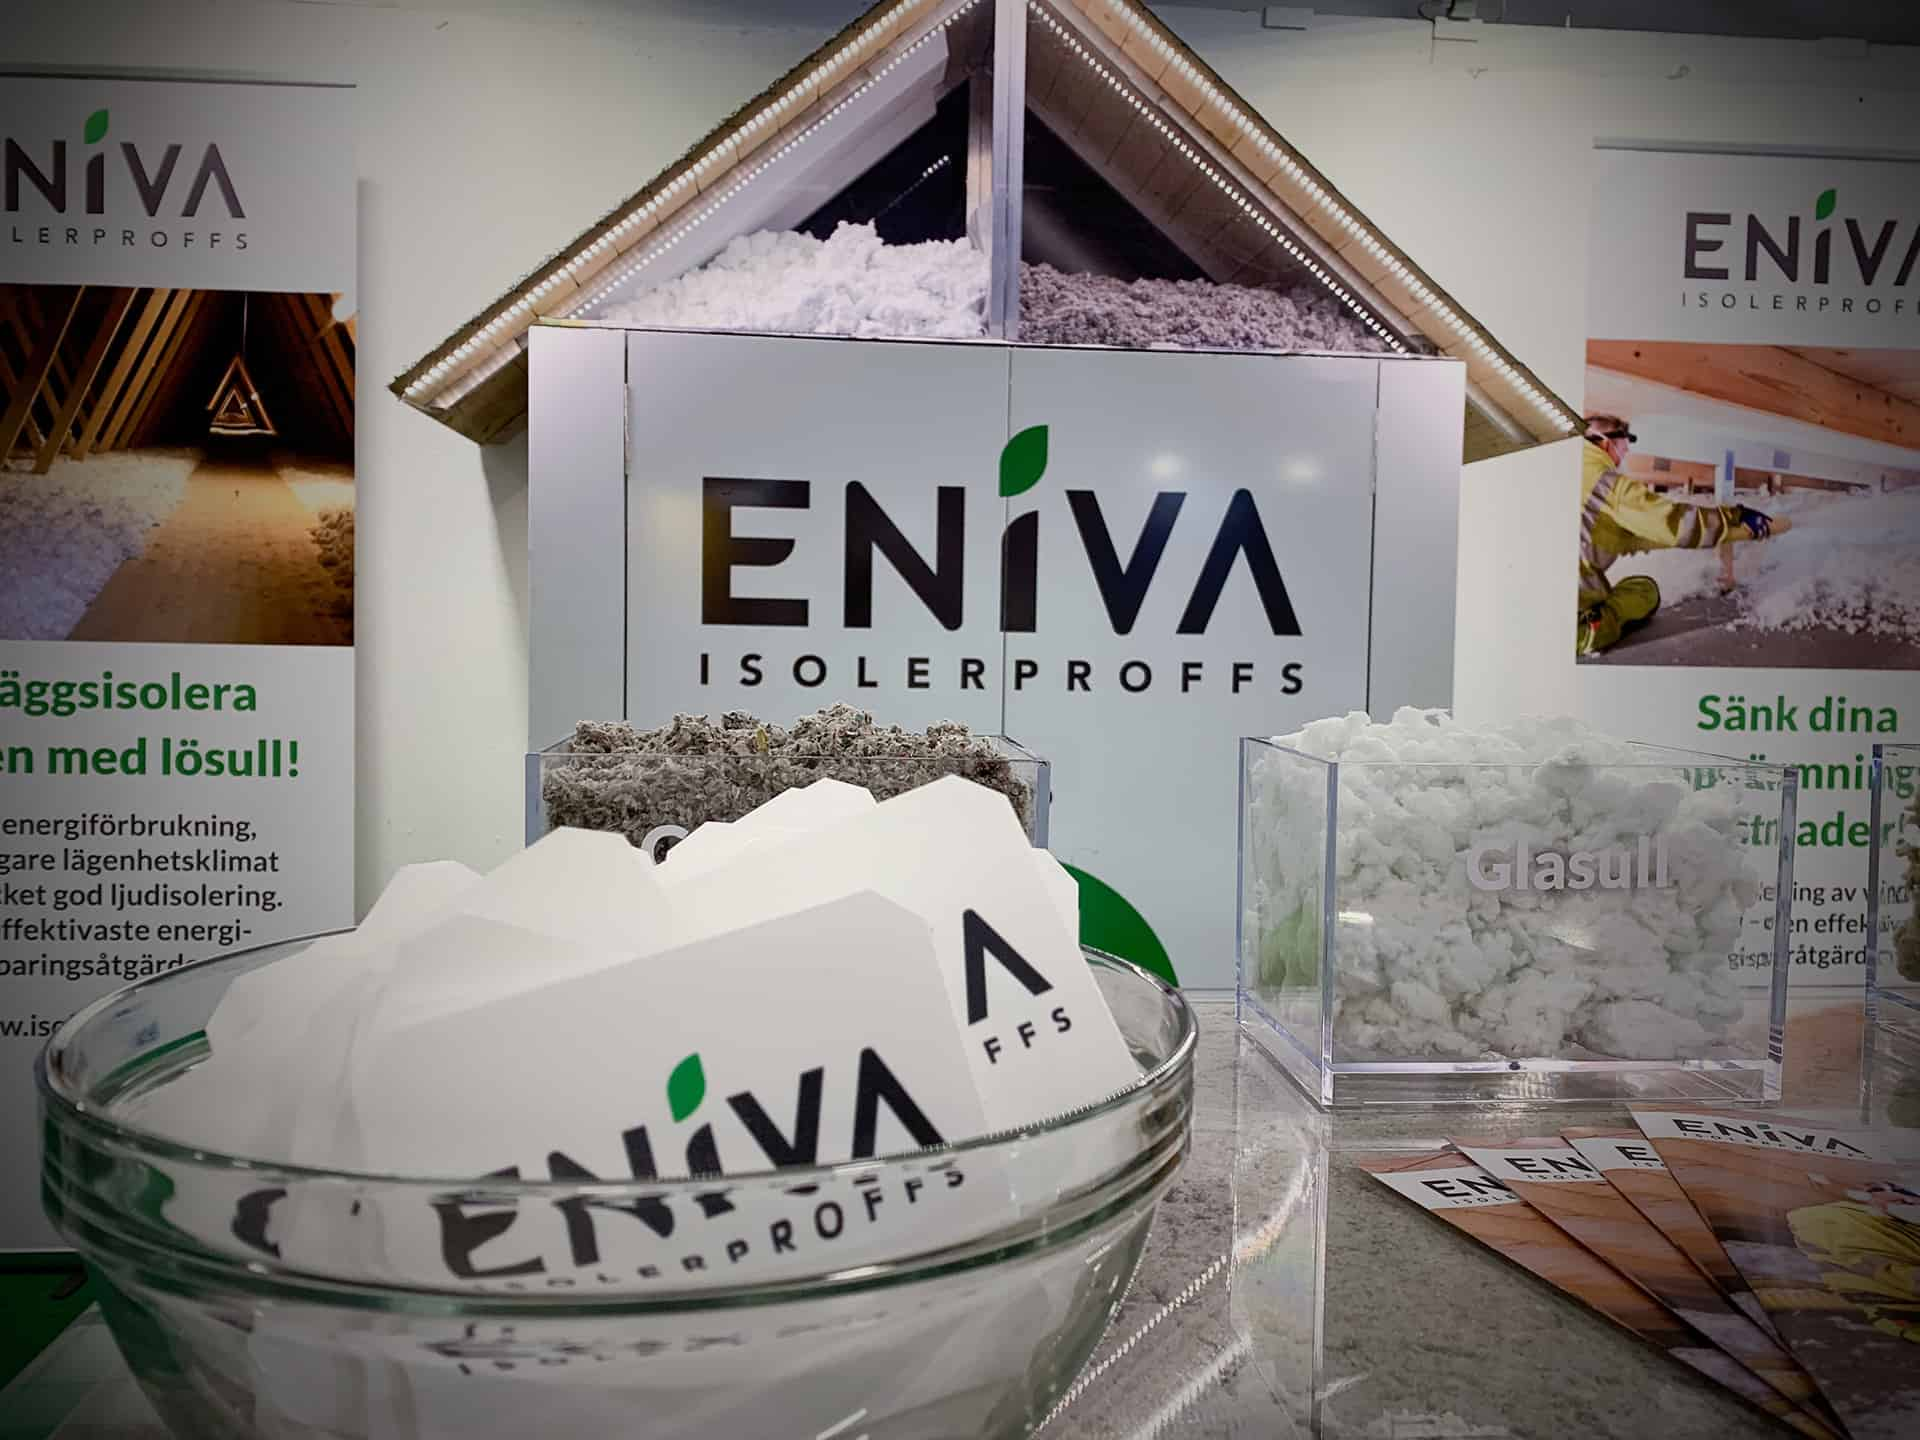 ENIVA Isolerproffs på mässa